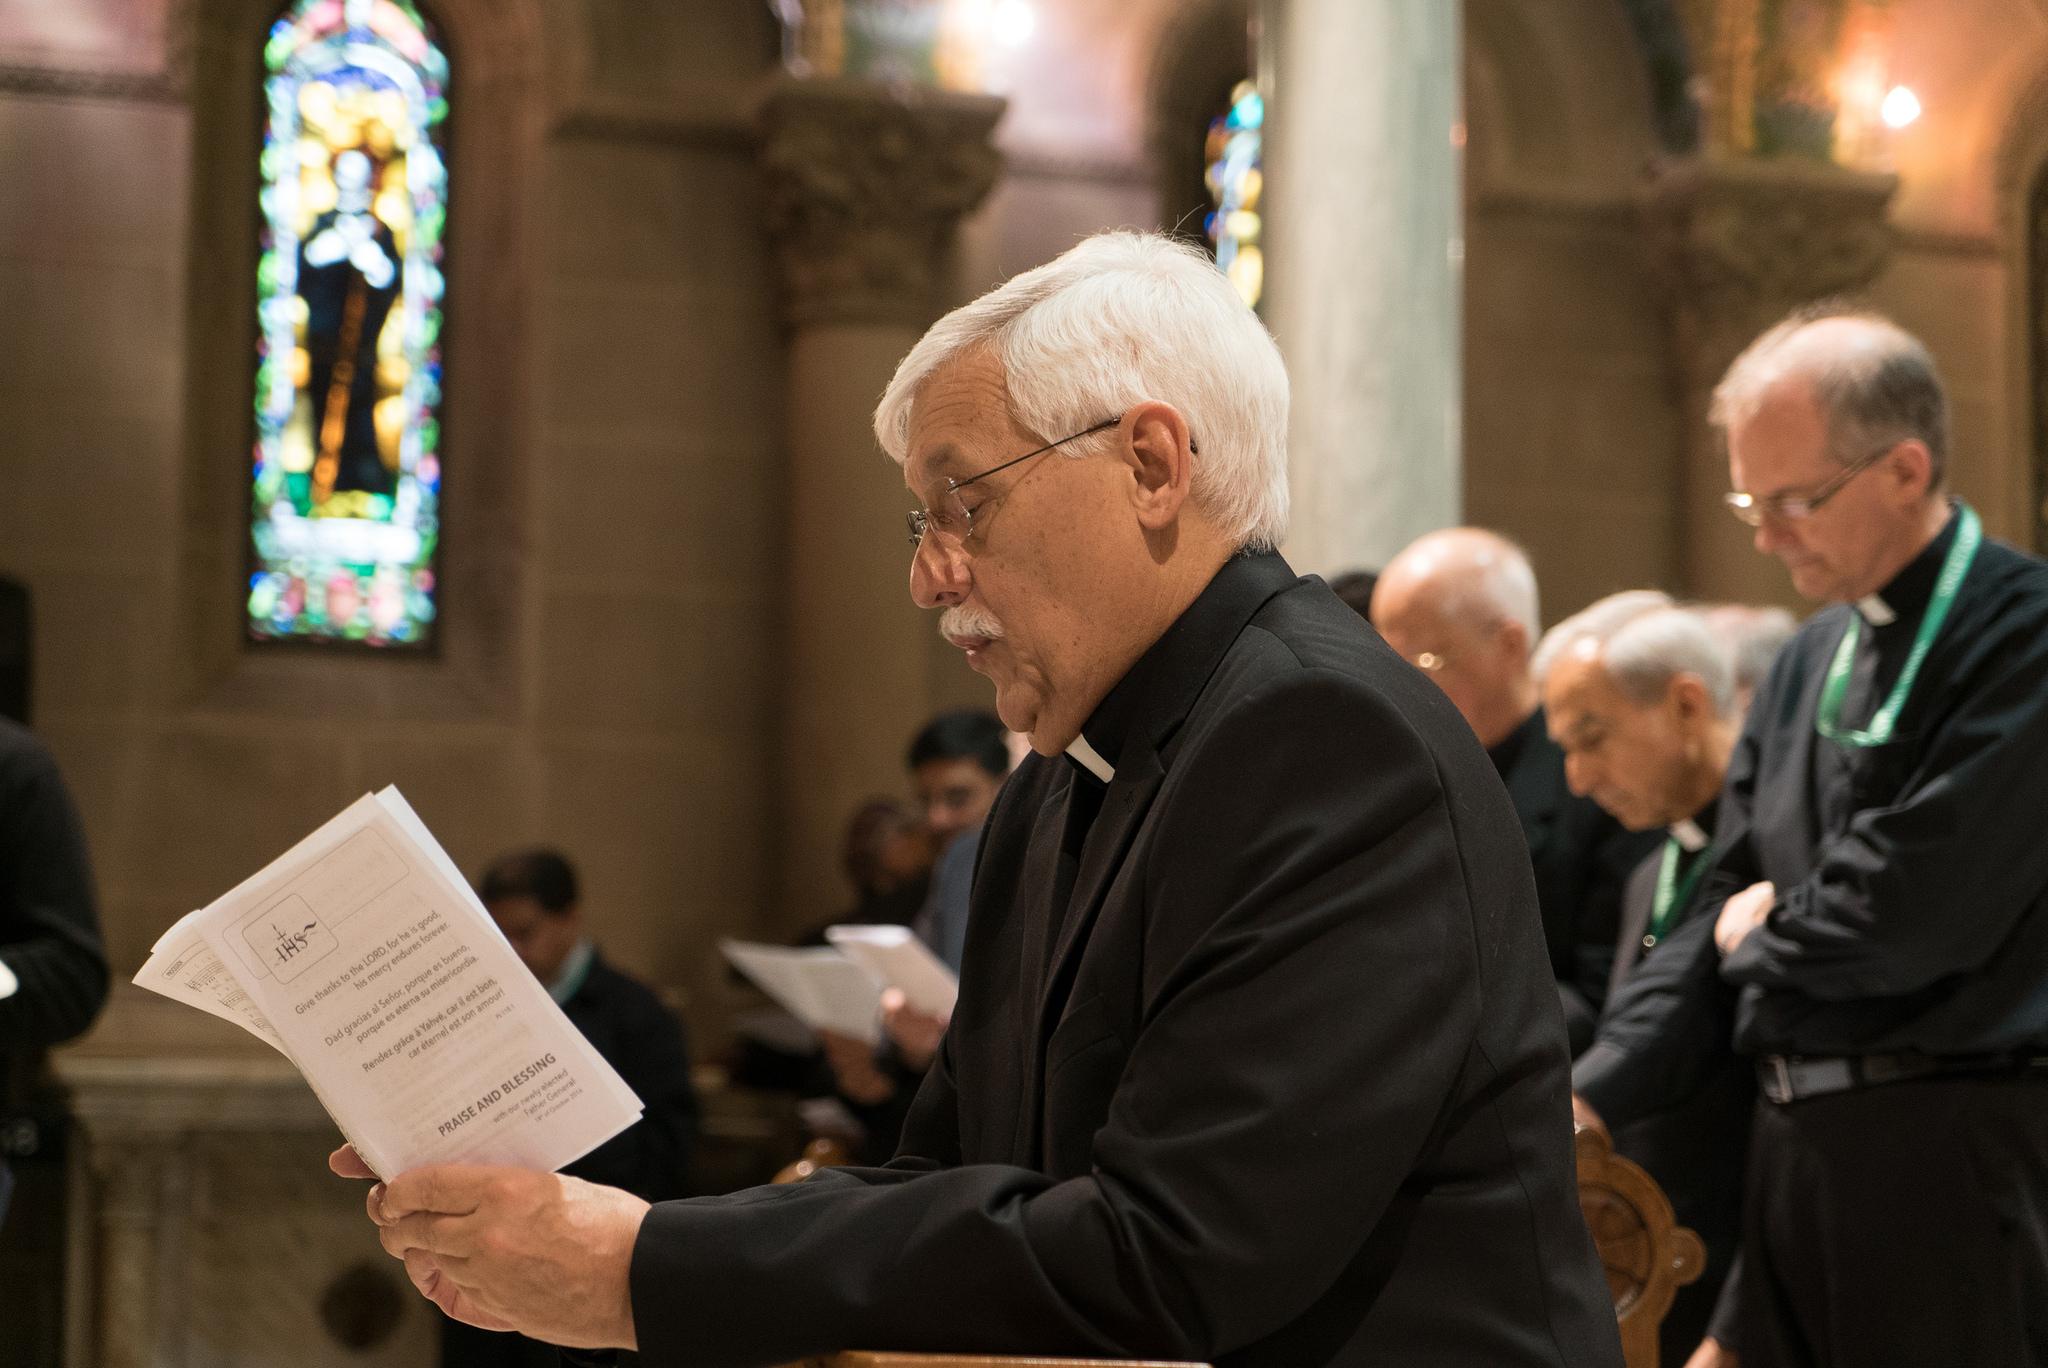 Три видео-свидетельства об избрании нового Генерального настоятеля Ордена иезуитов